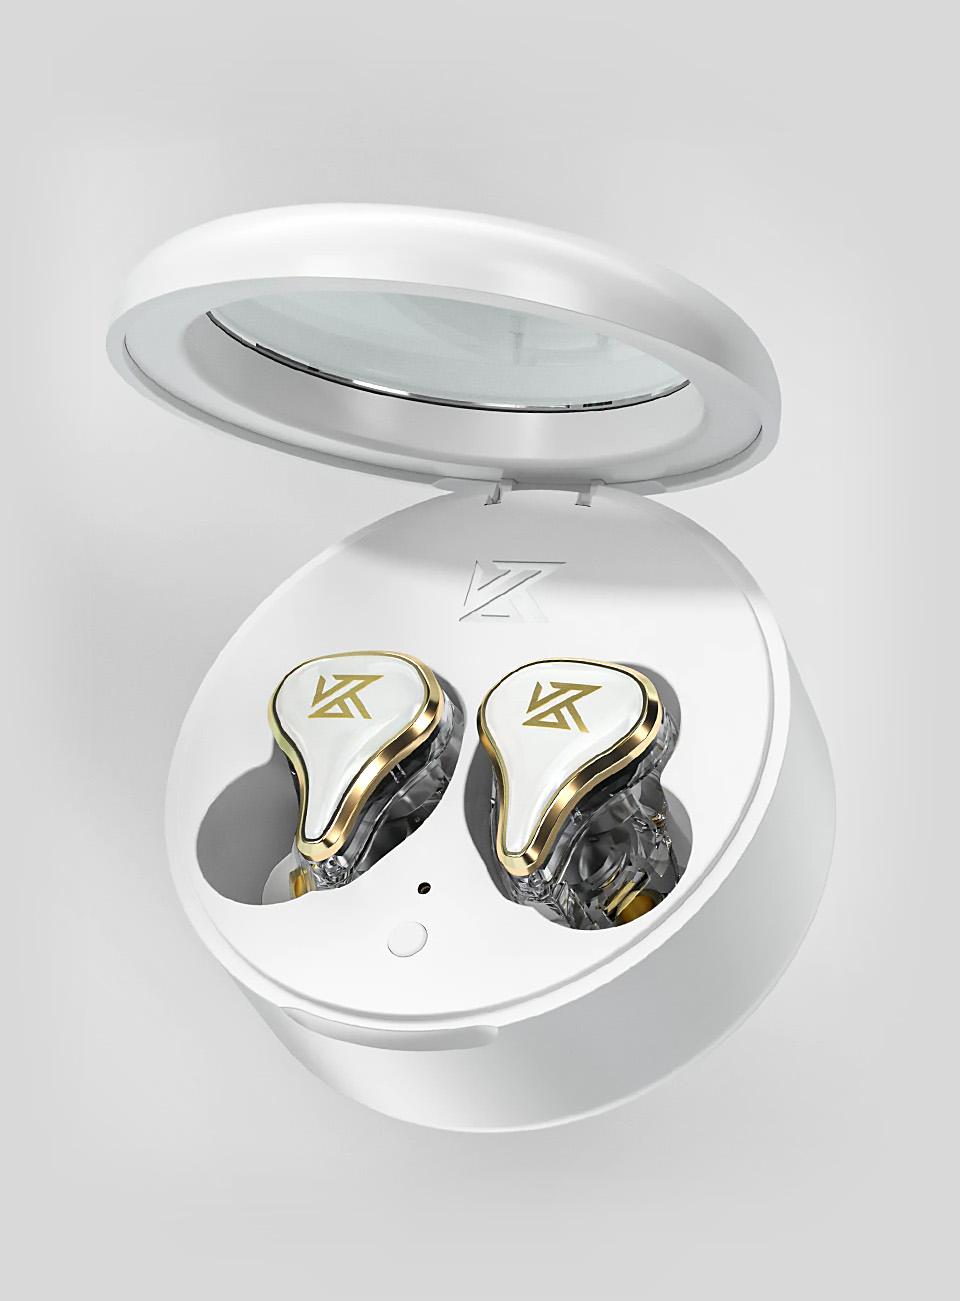 KZ SK10 Professional wireless earphone